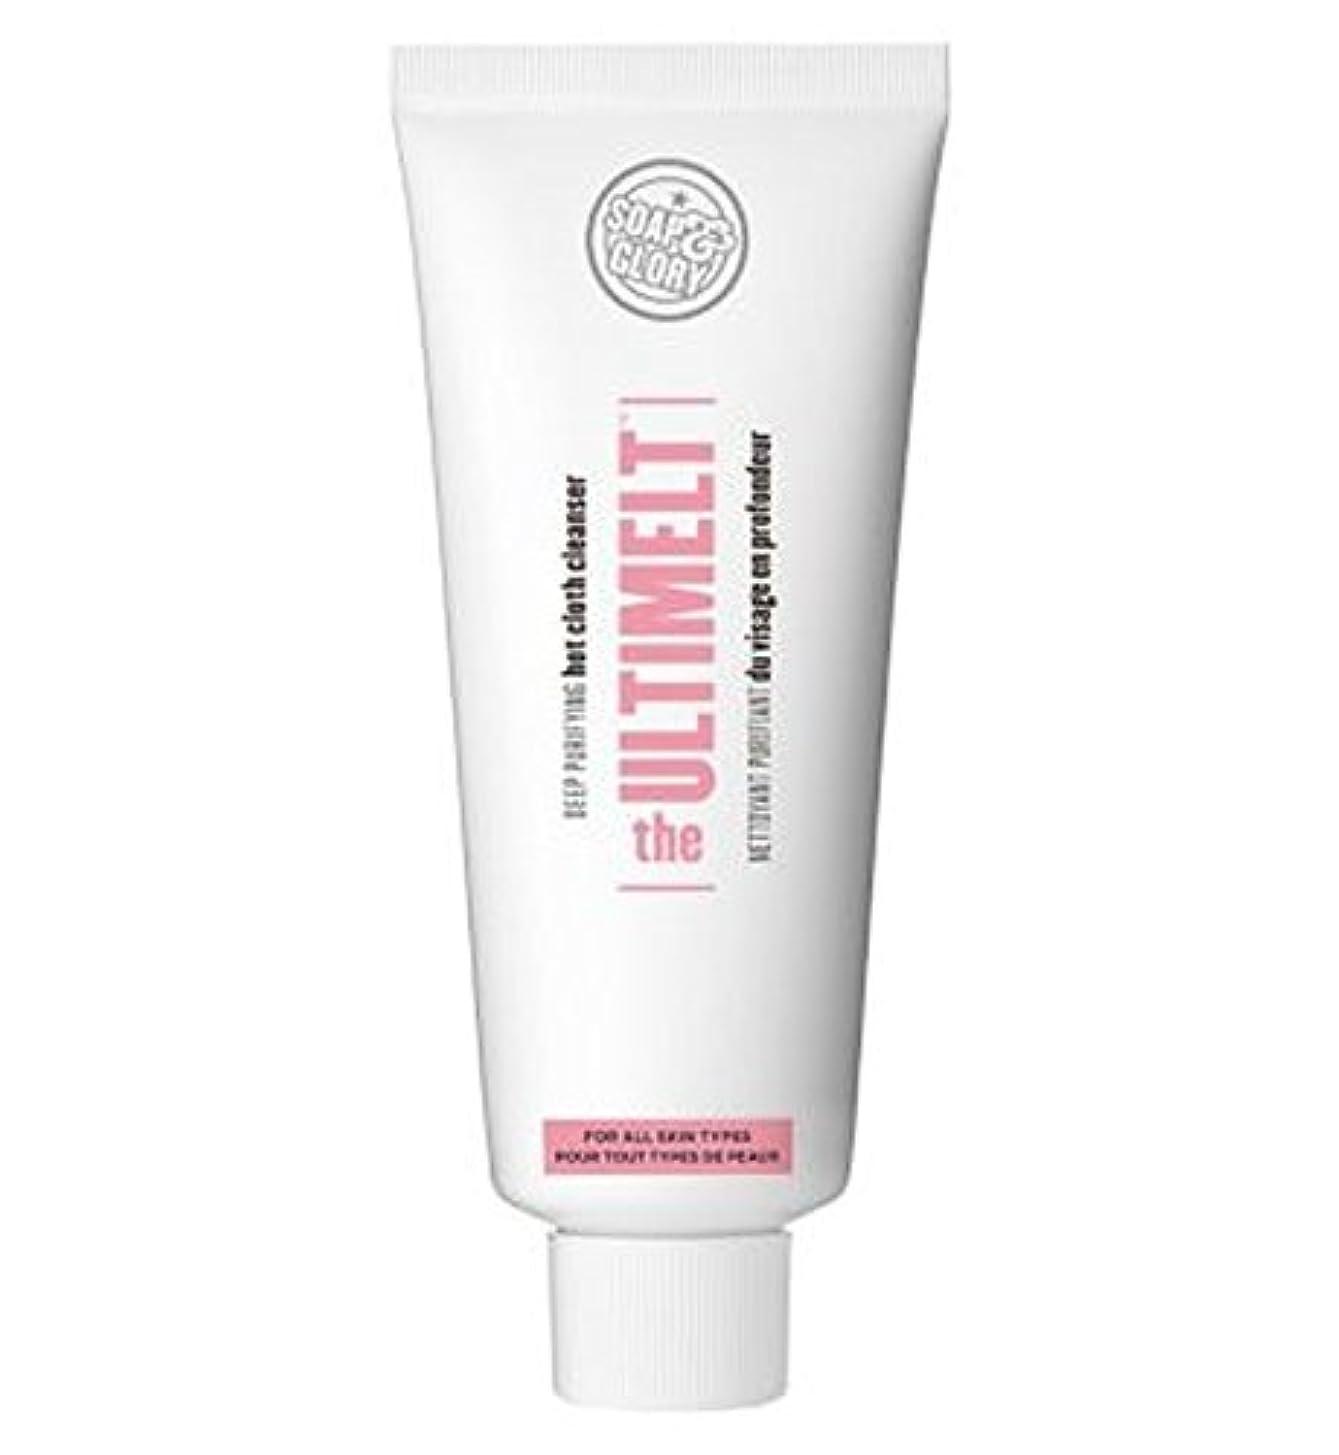 ハロウィンマークされたシーサイドUltimelt?深い浄化ホット布クレンザー?石鹸&栄光 (Soap & Glory) (x2) - Soap & Glory? The Ultimelt? Deep Purifying Hot Cloth Cleanser...